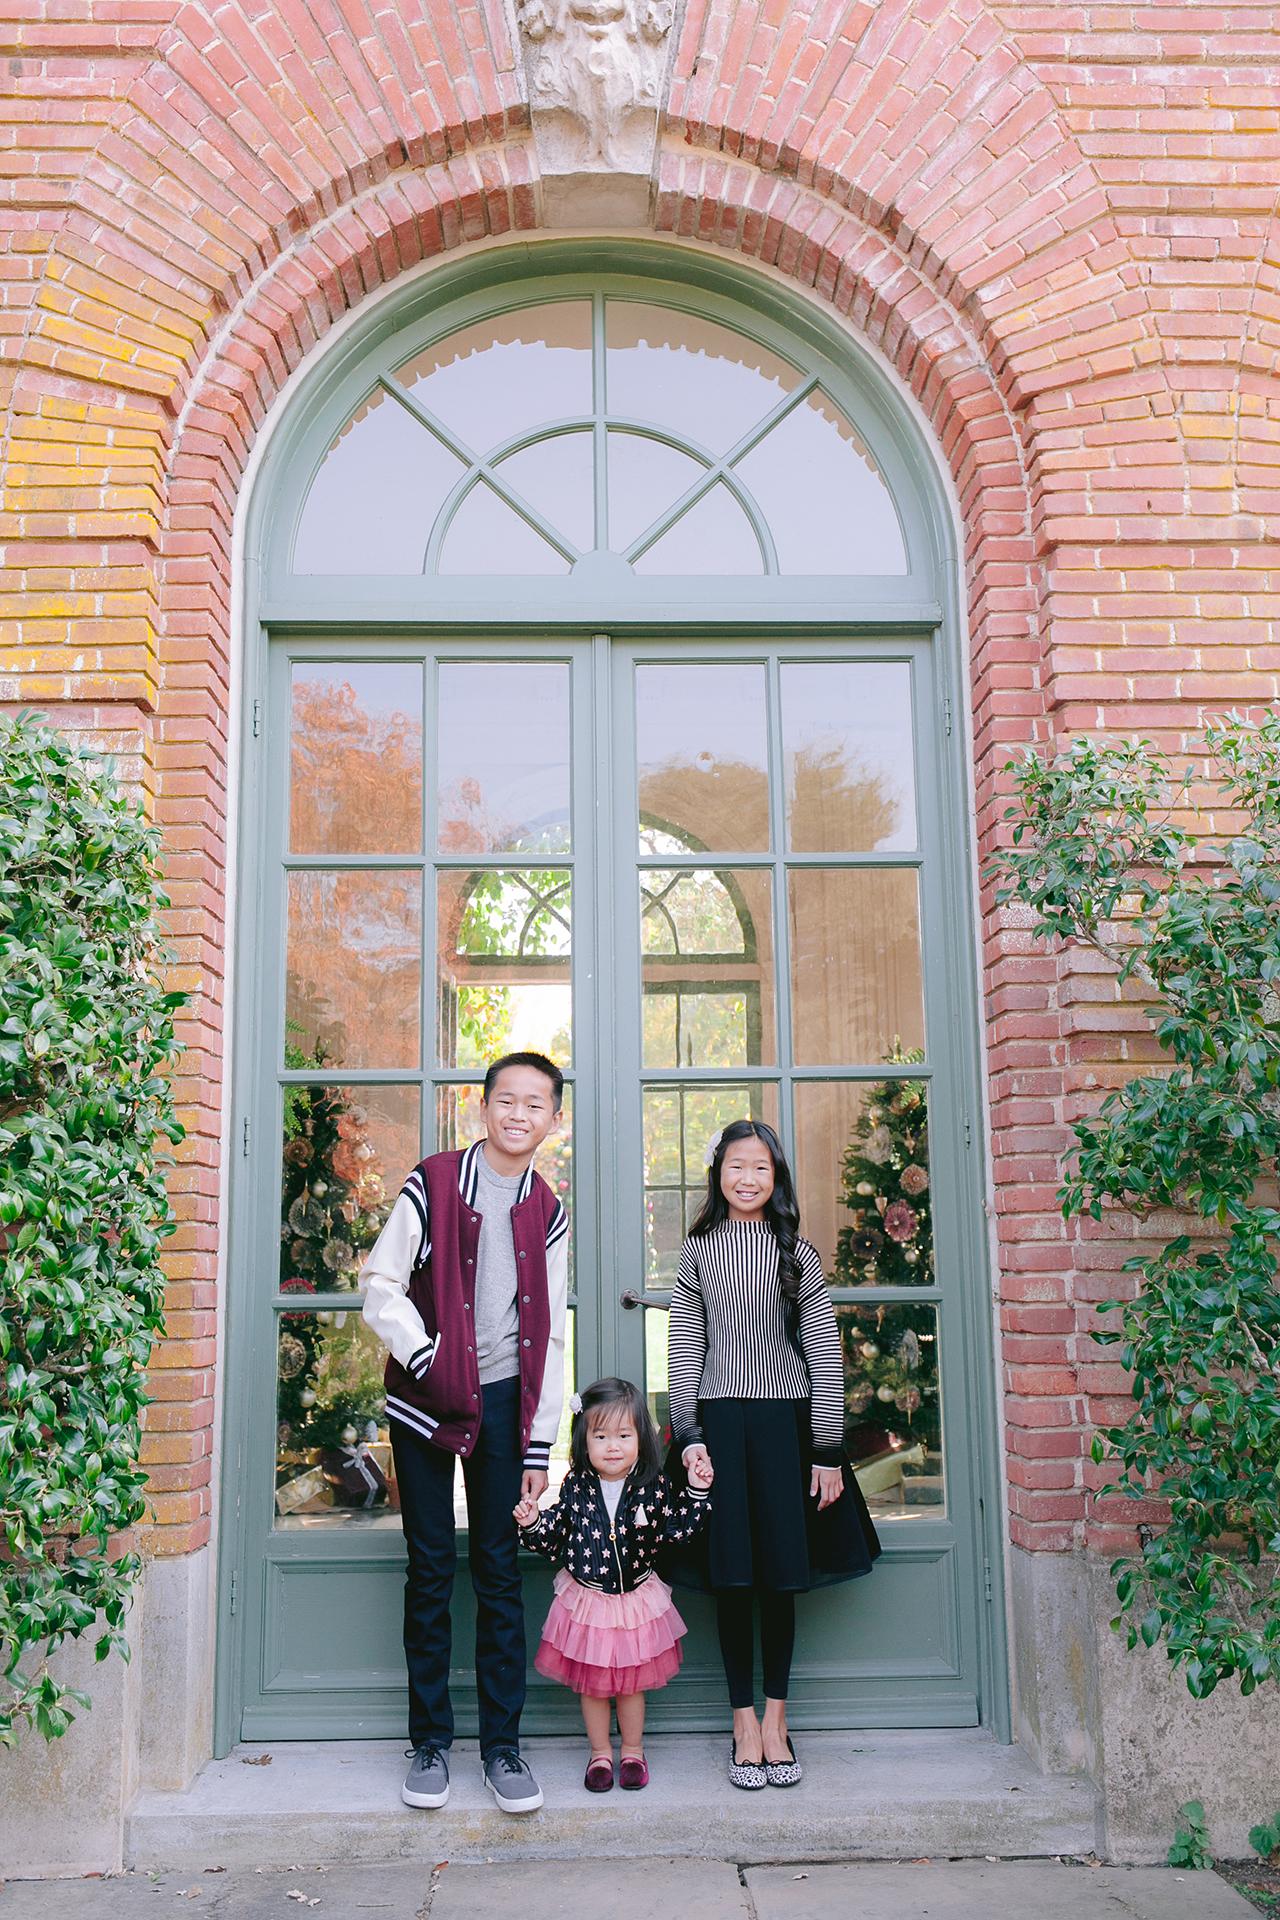 Fioli_Gardens_Woodside_Children_and_Family_Portrait_005.jpg